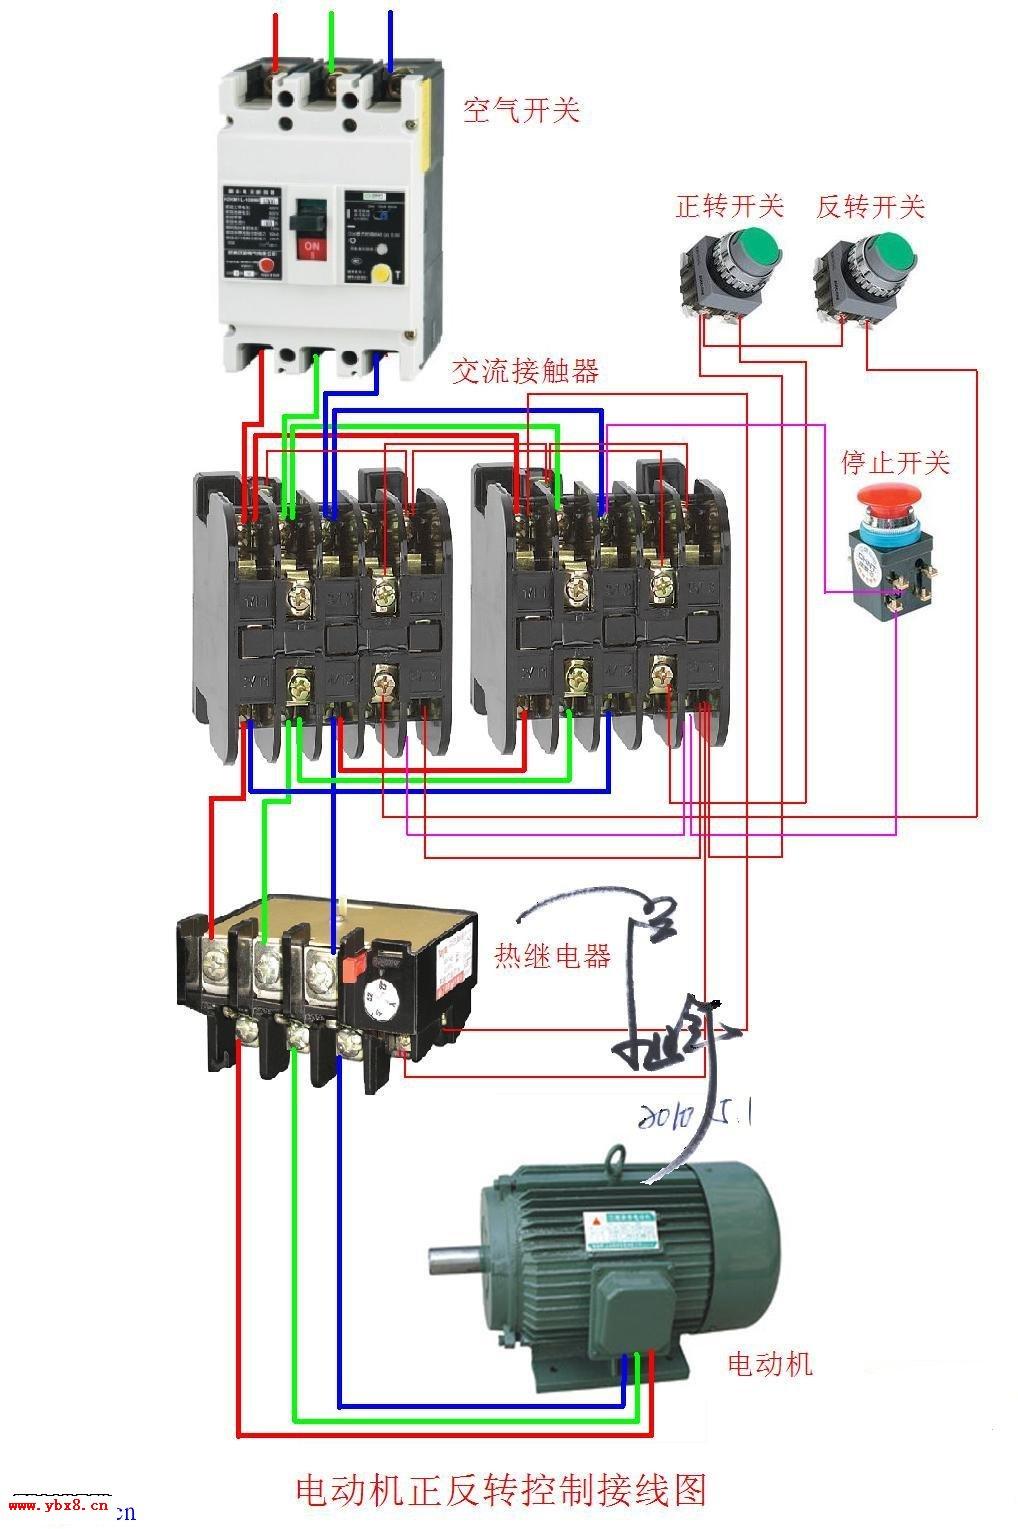 三相电动机绕组接法_三相电动机正反转接触器互锁实物接线图_电工基础知识_电工技术 ...